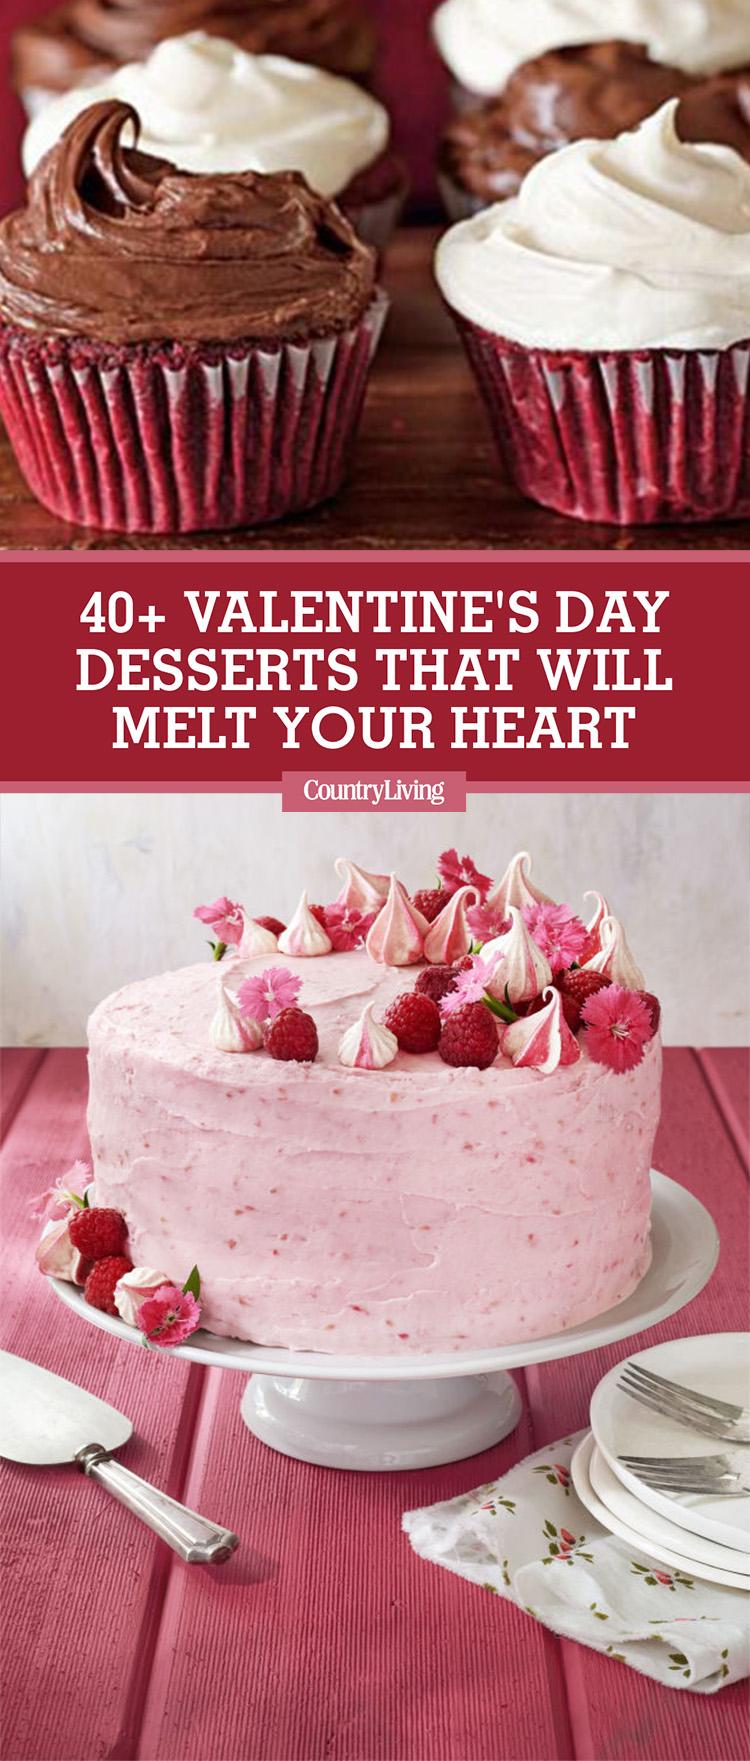 40 Best Valentine's Day Dessert Recipes | Ahead of Thyme |Valentines Day Dessert Ideas